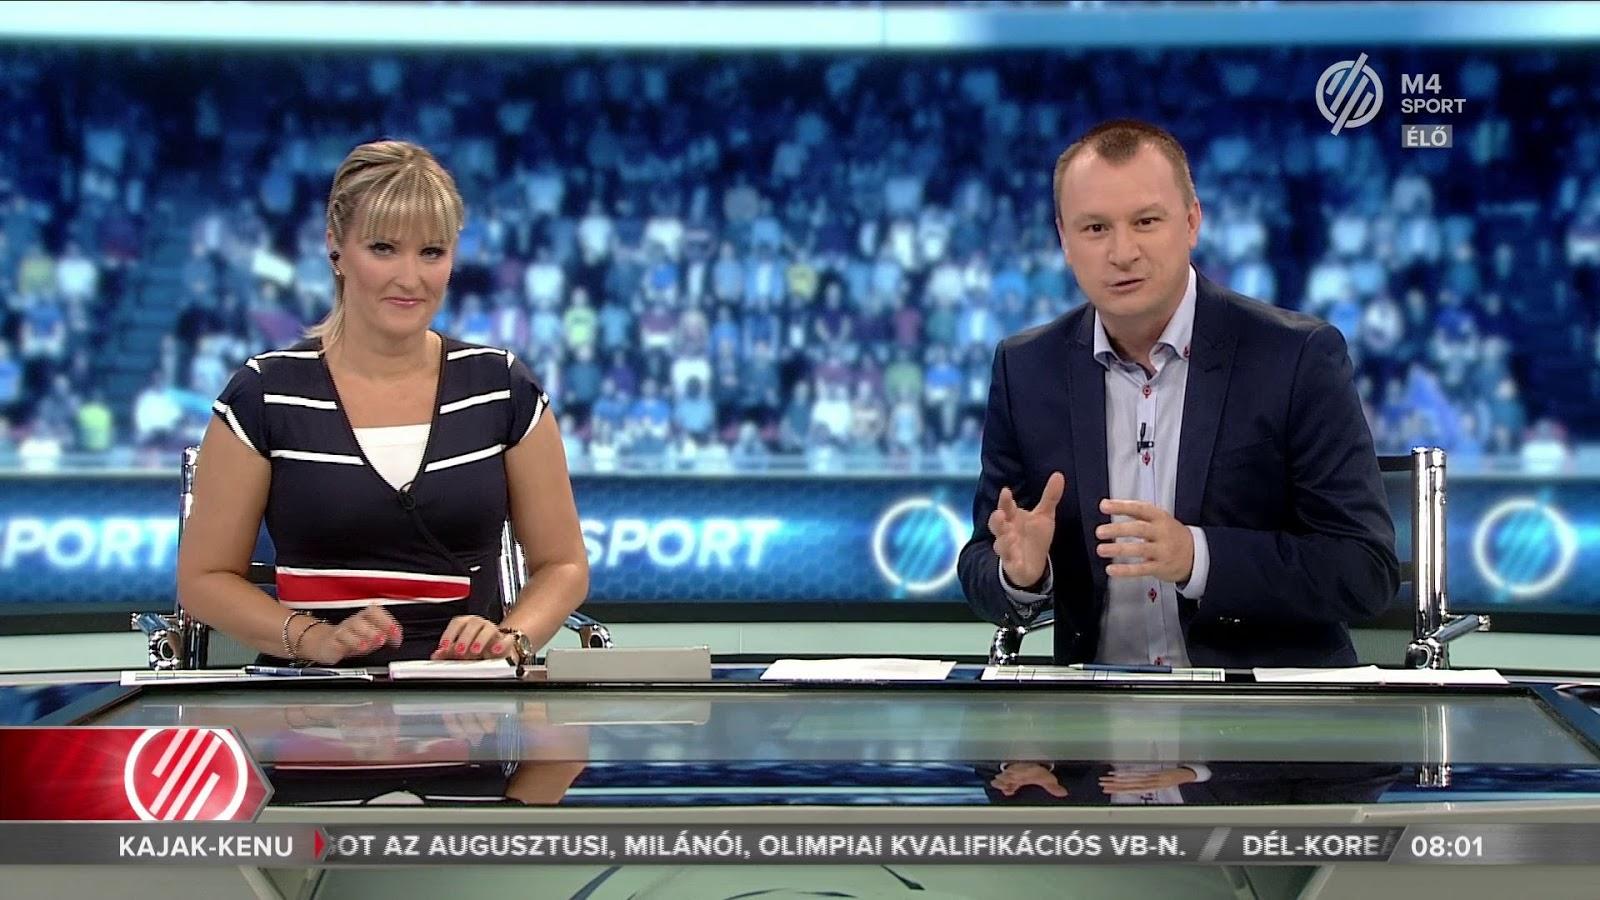 M4 Sport, média, tévé, Bajnokok Ligája, F1, közvetítési jogok,